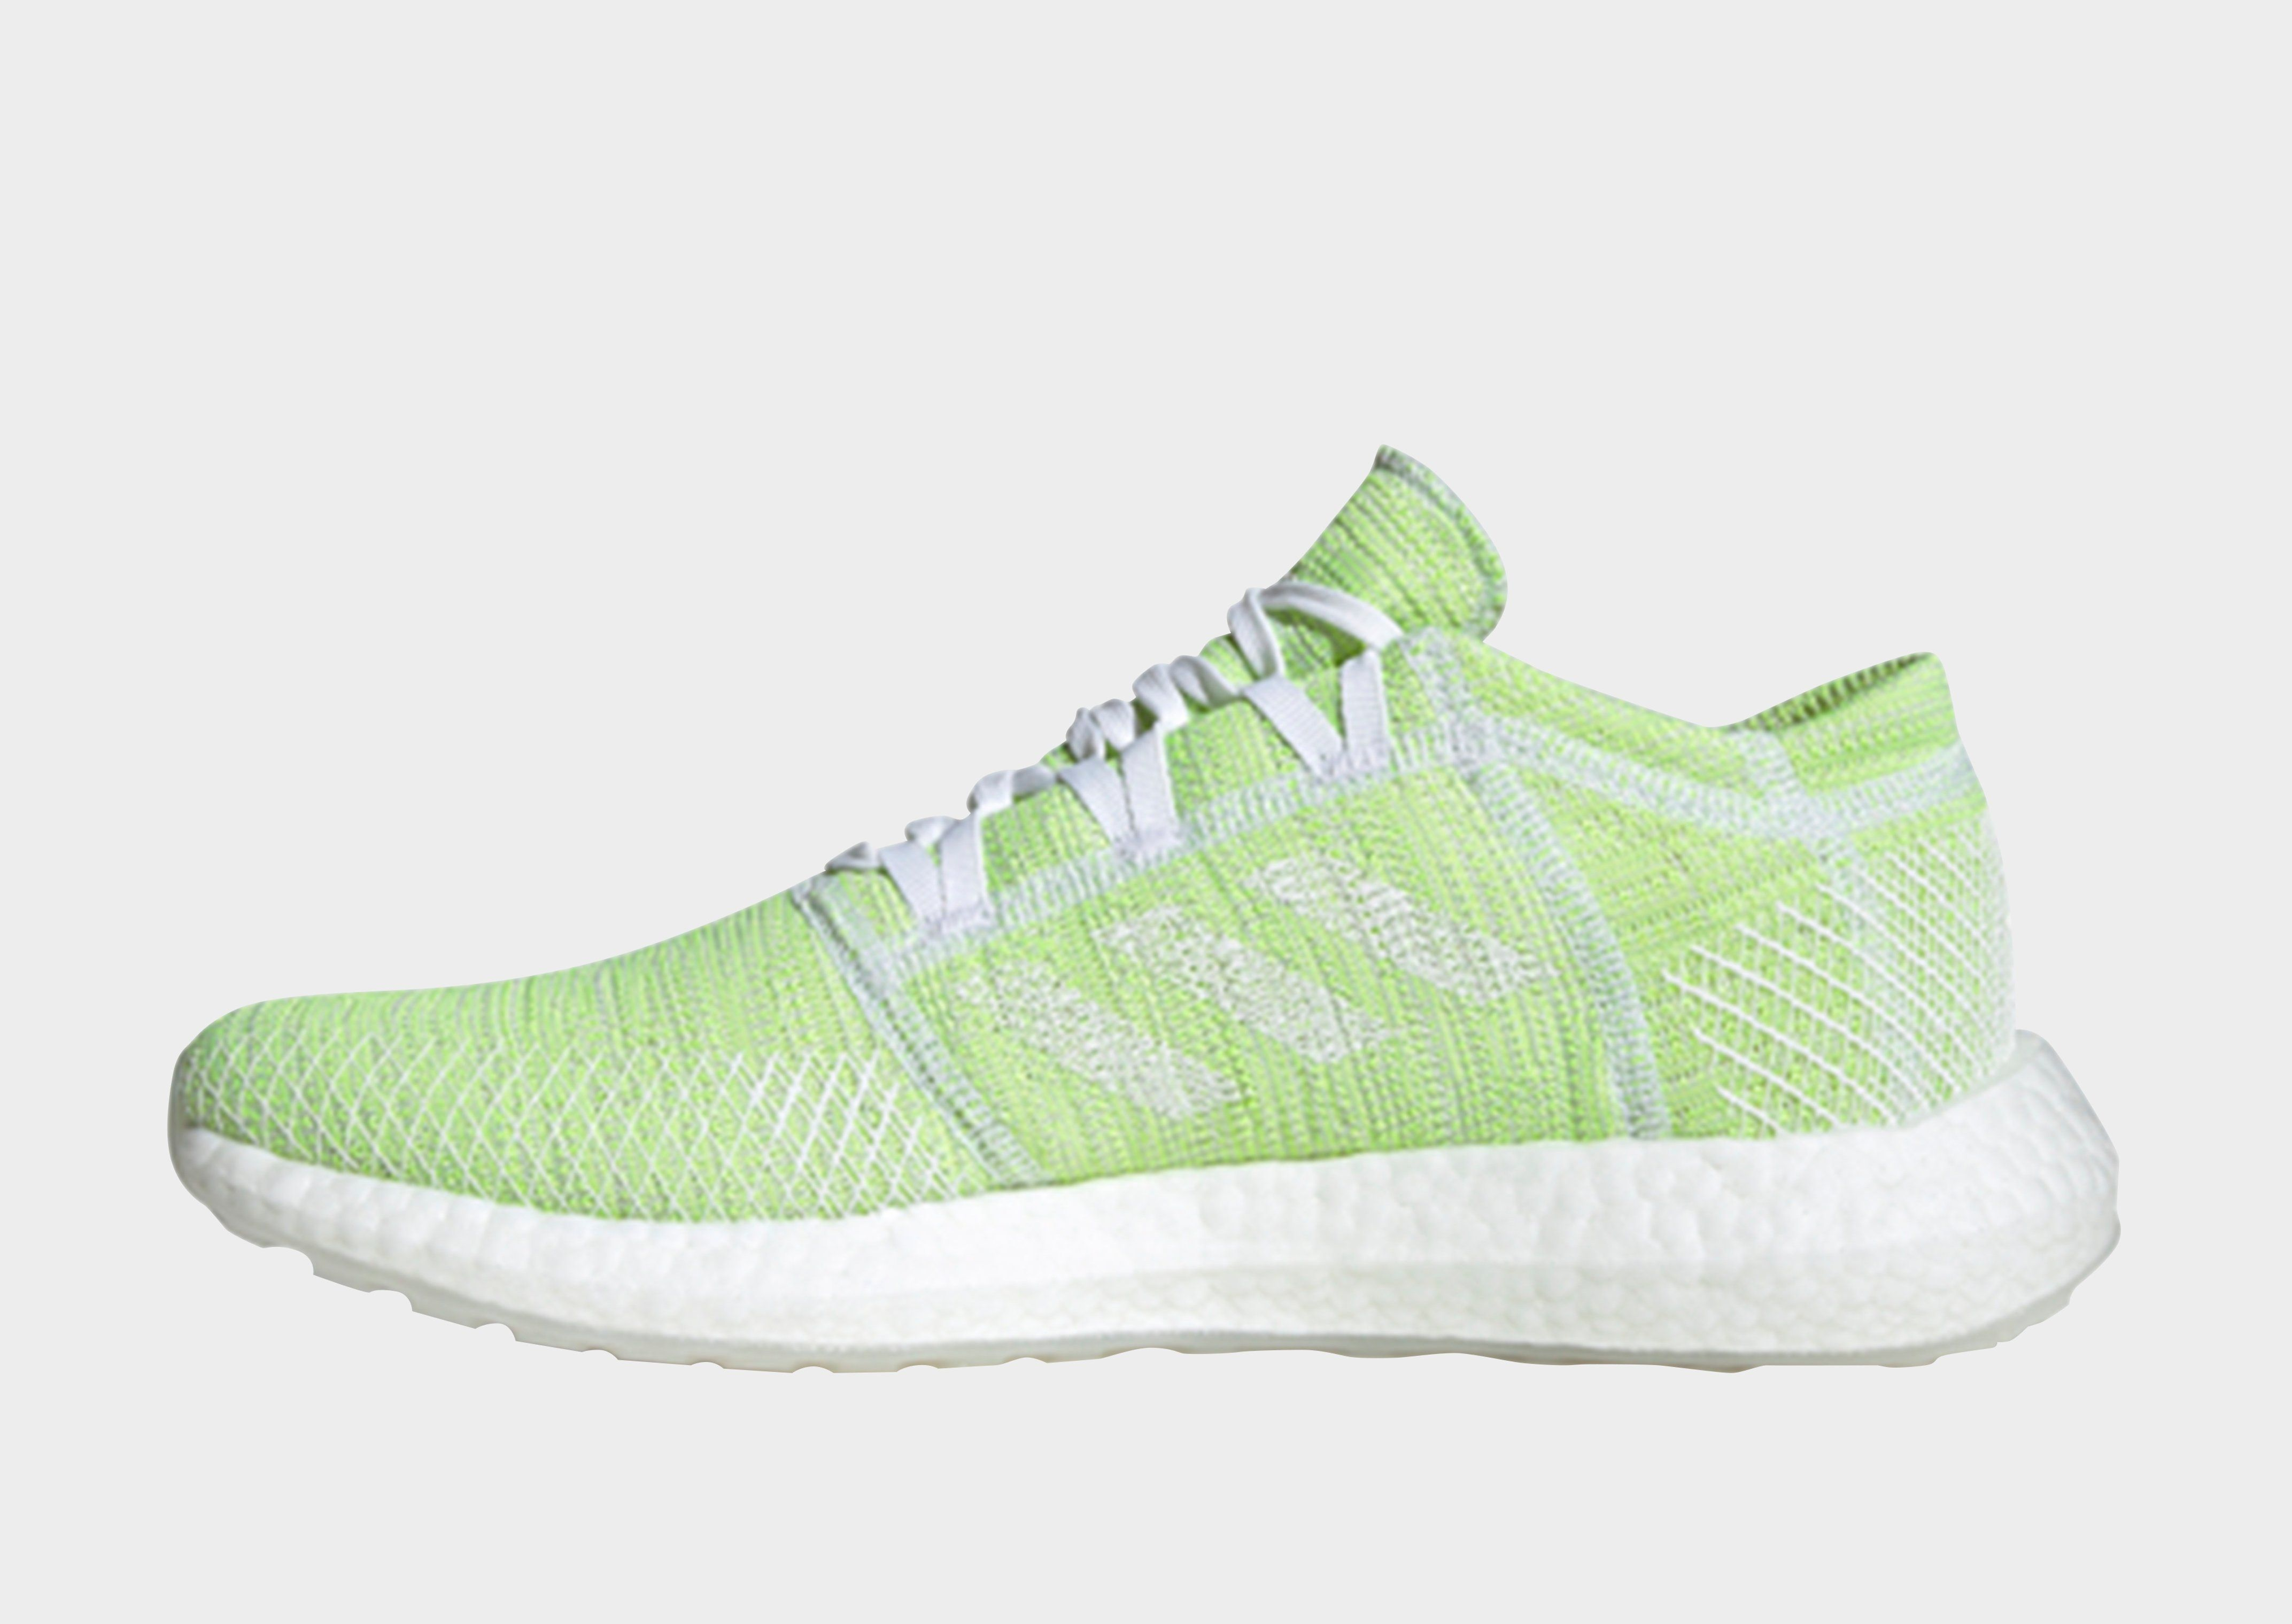 3fdd5bd54c7f ADIDAS Pureboost Go LTD Shoes